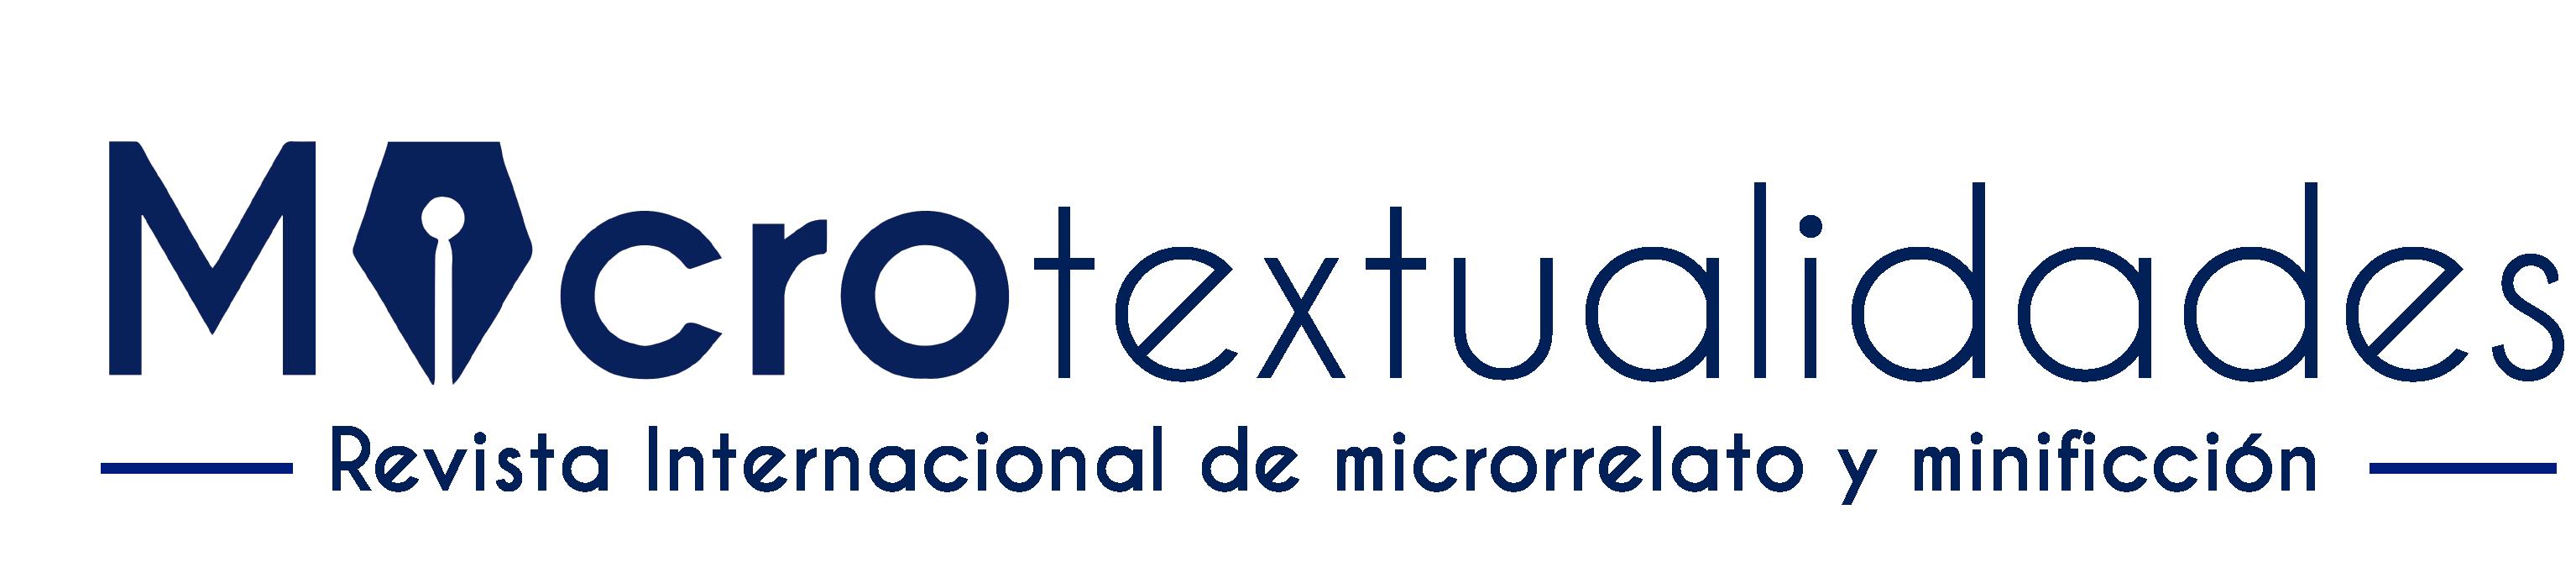 Microtextualidades - Revista internacional de microrrelato y minificción